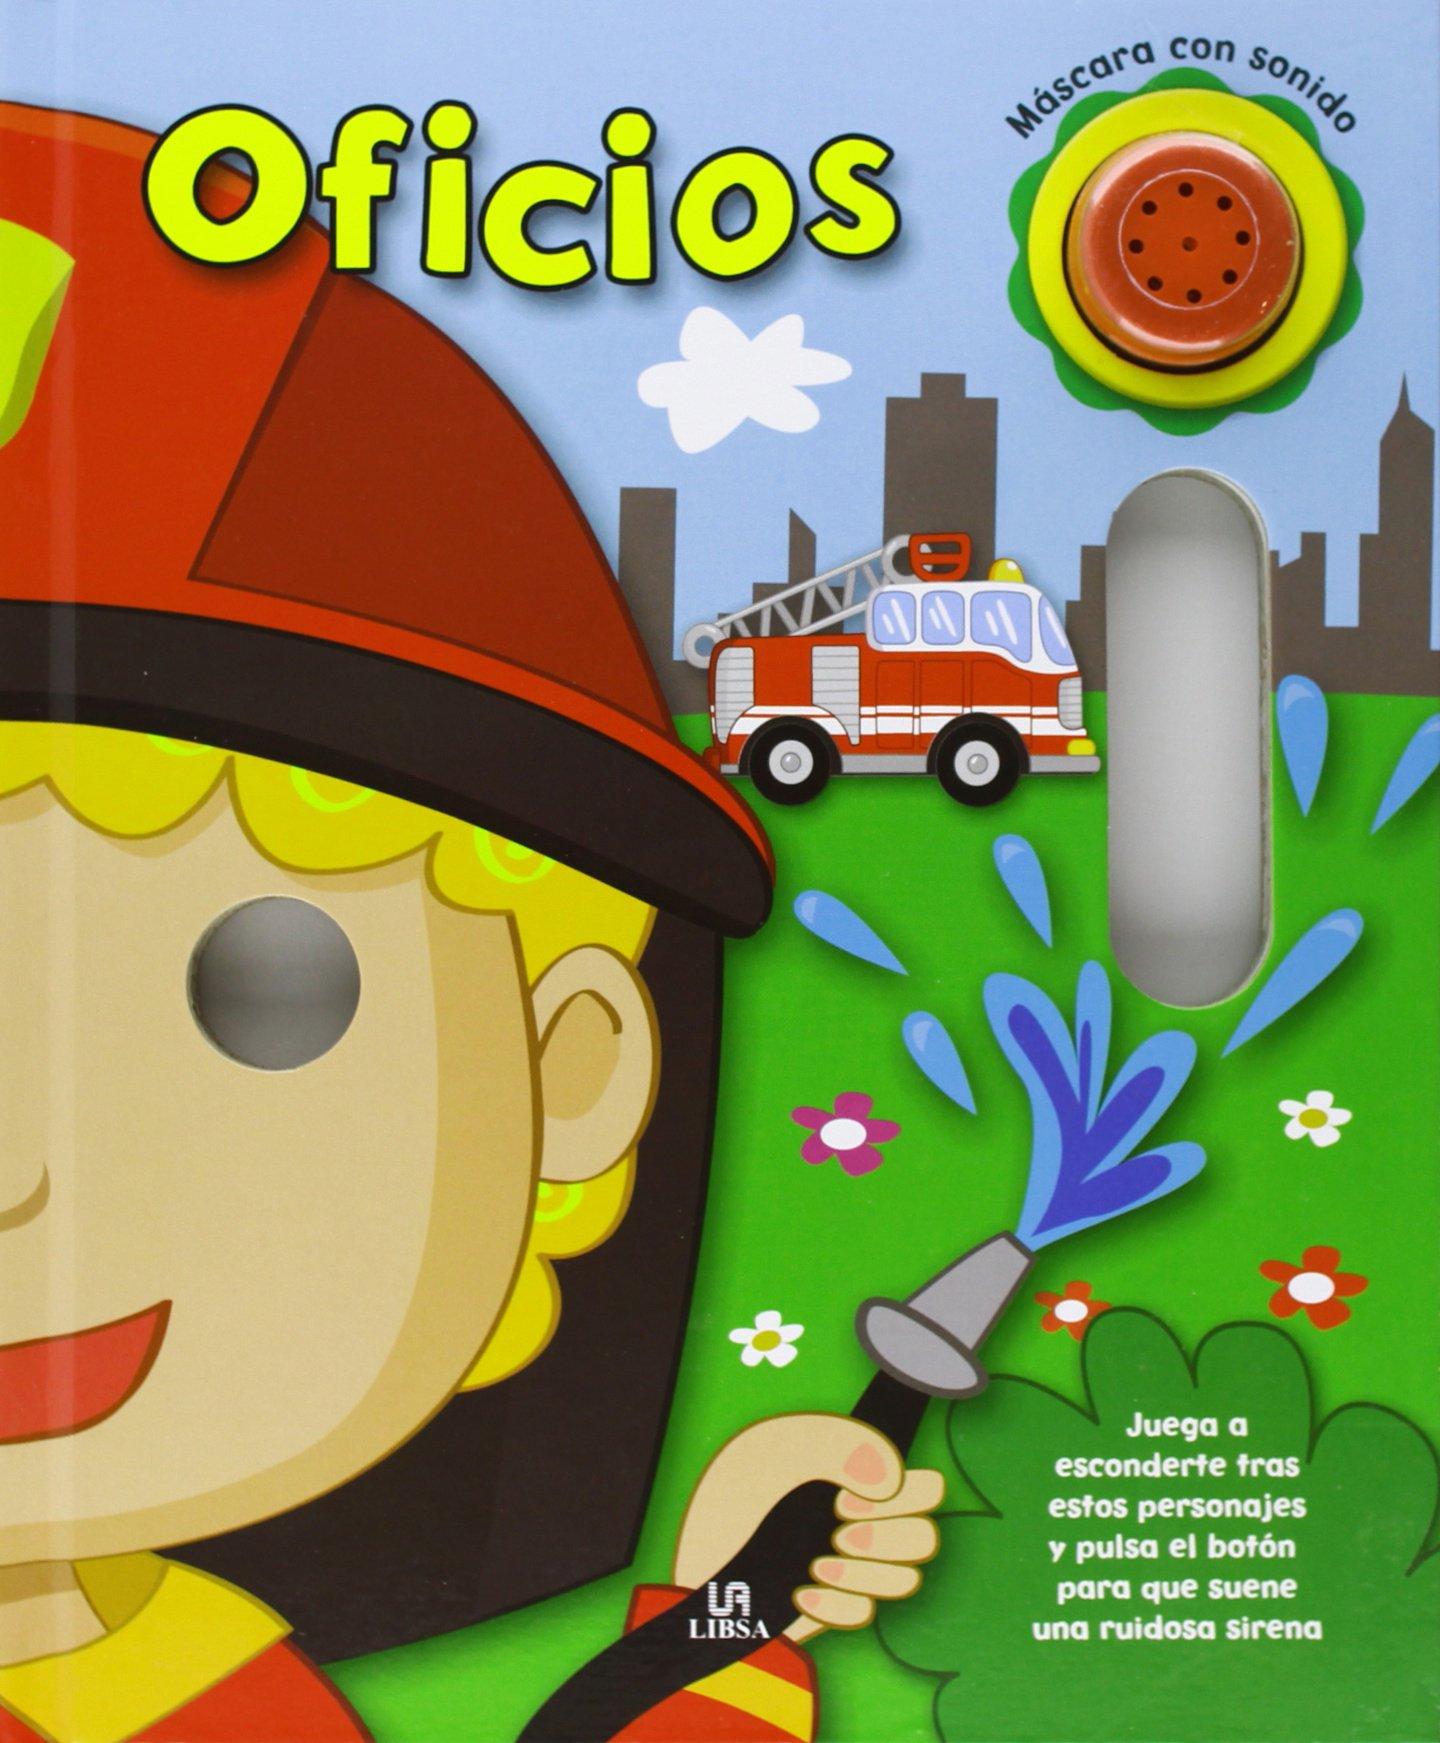 Oficios (Con Sonido) (Mascara con Sonido): Amazon.es: Equipo Editorial: Libros